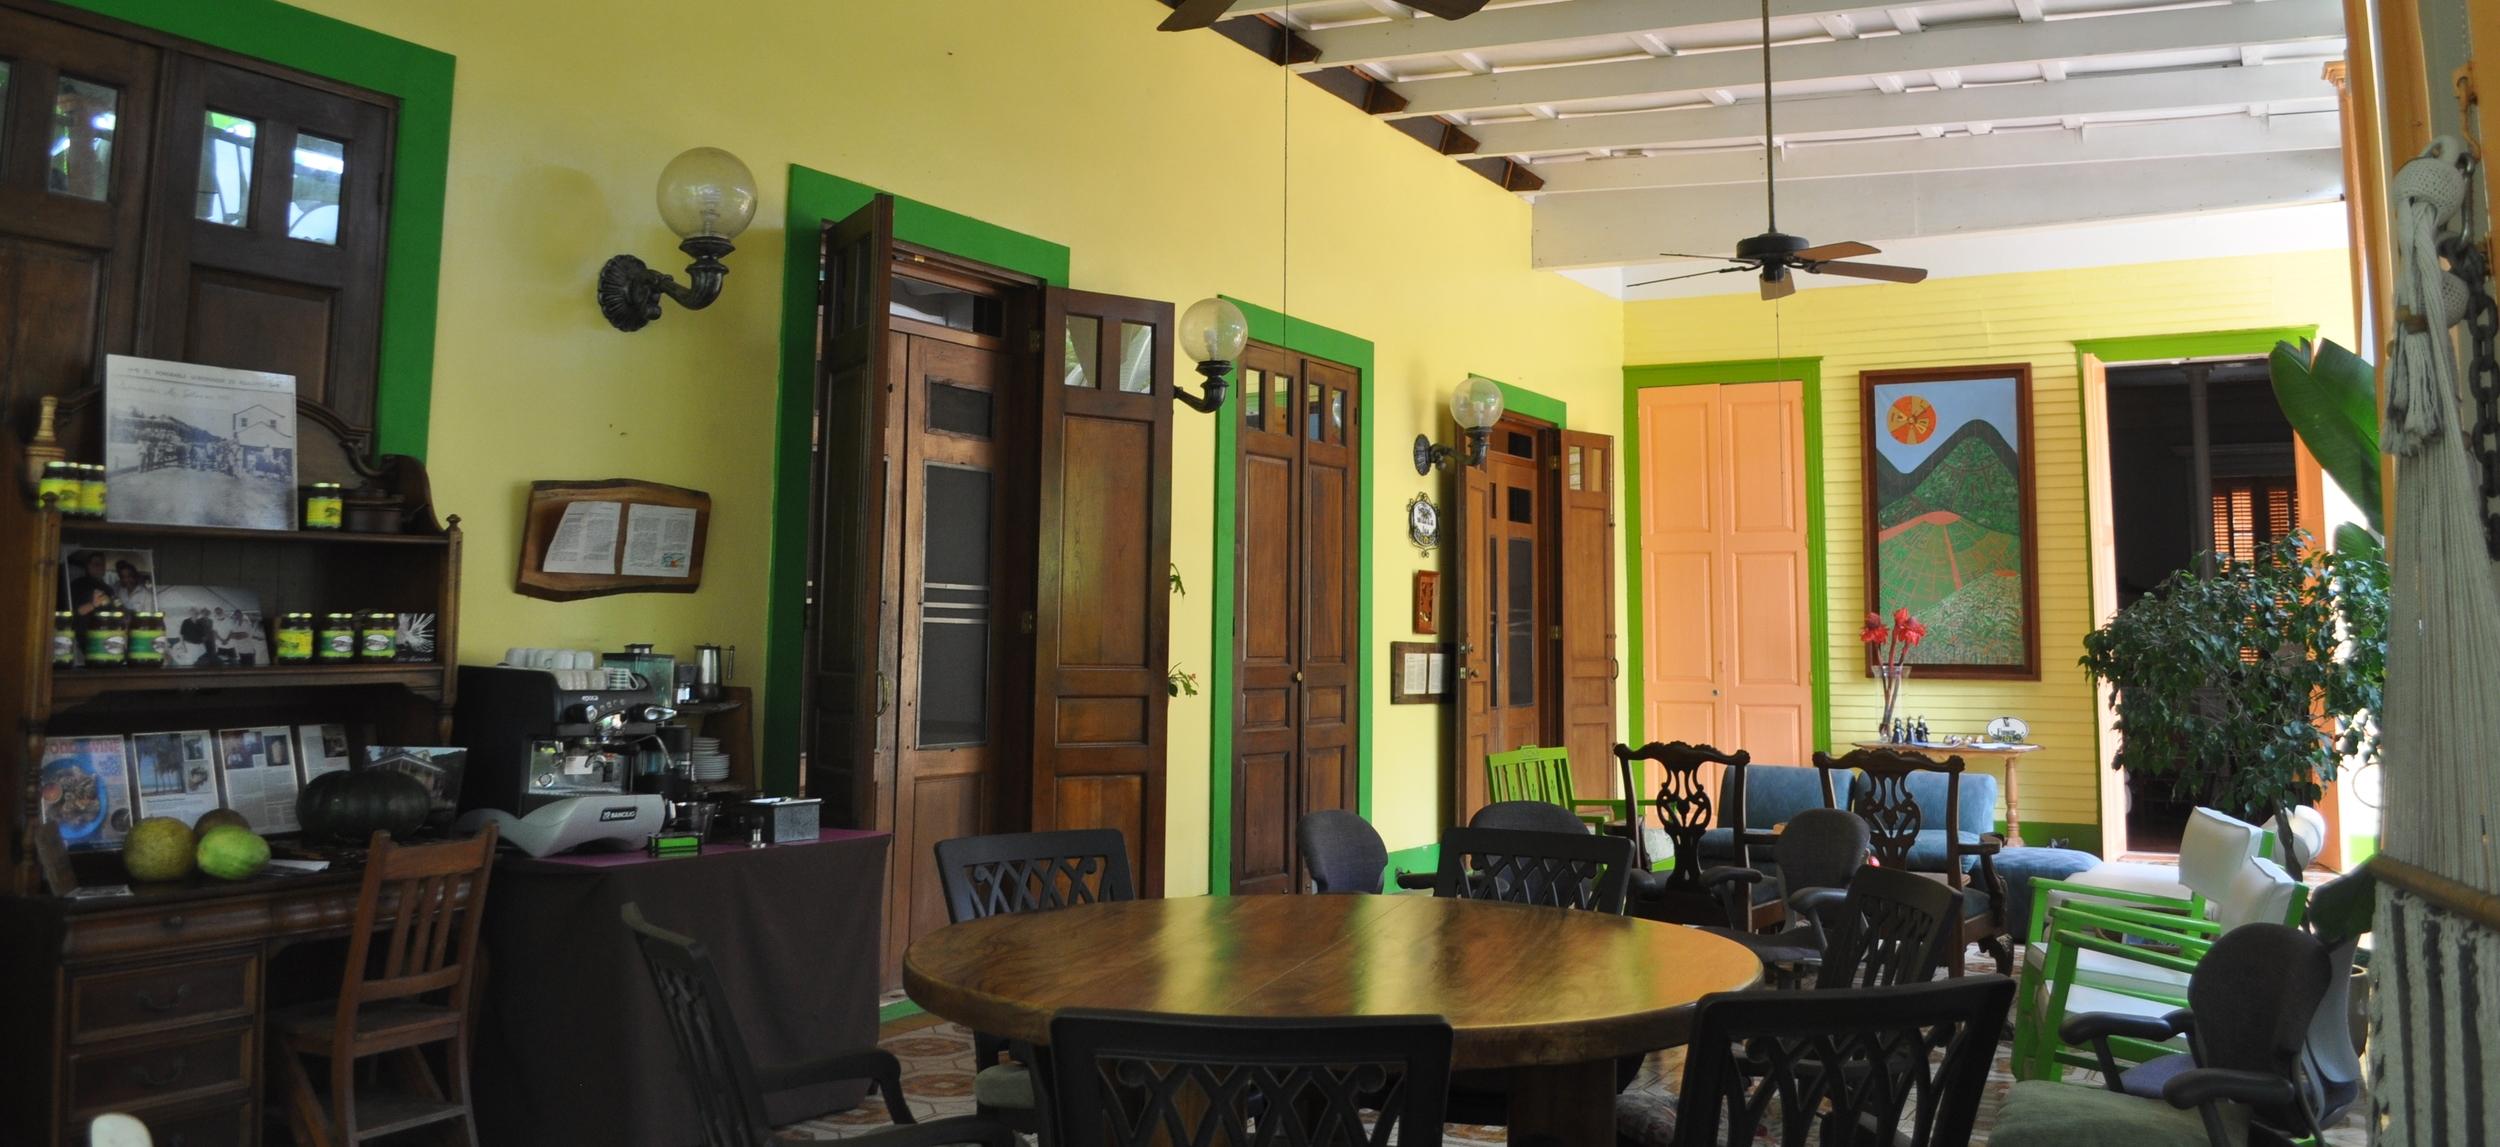 La historia de esta hacienda se remonta al 1887. Foto: Pamy Rojas